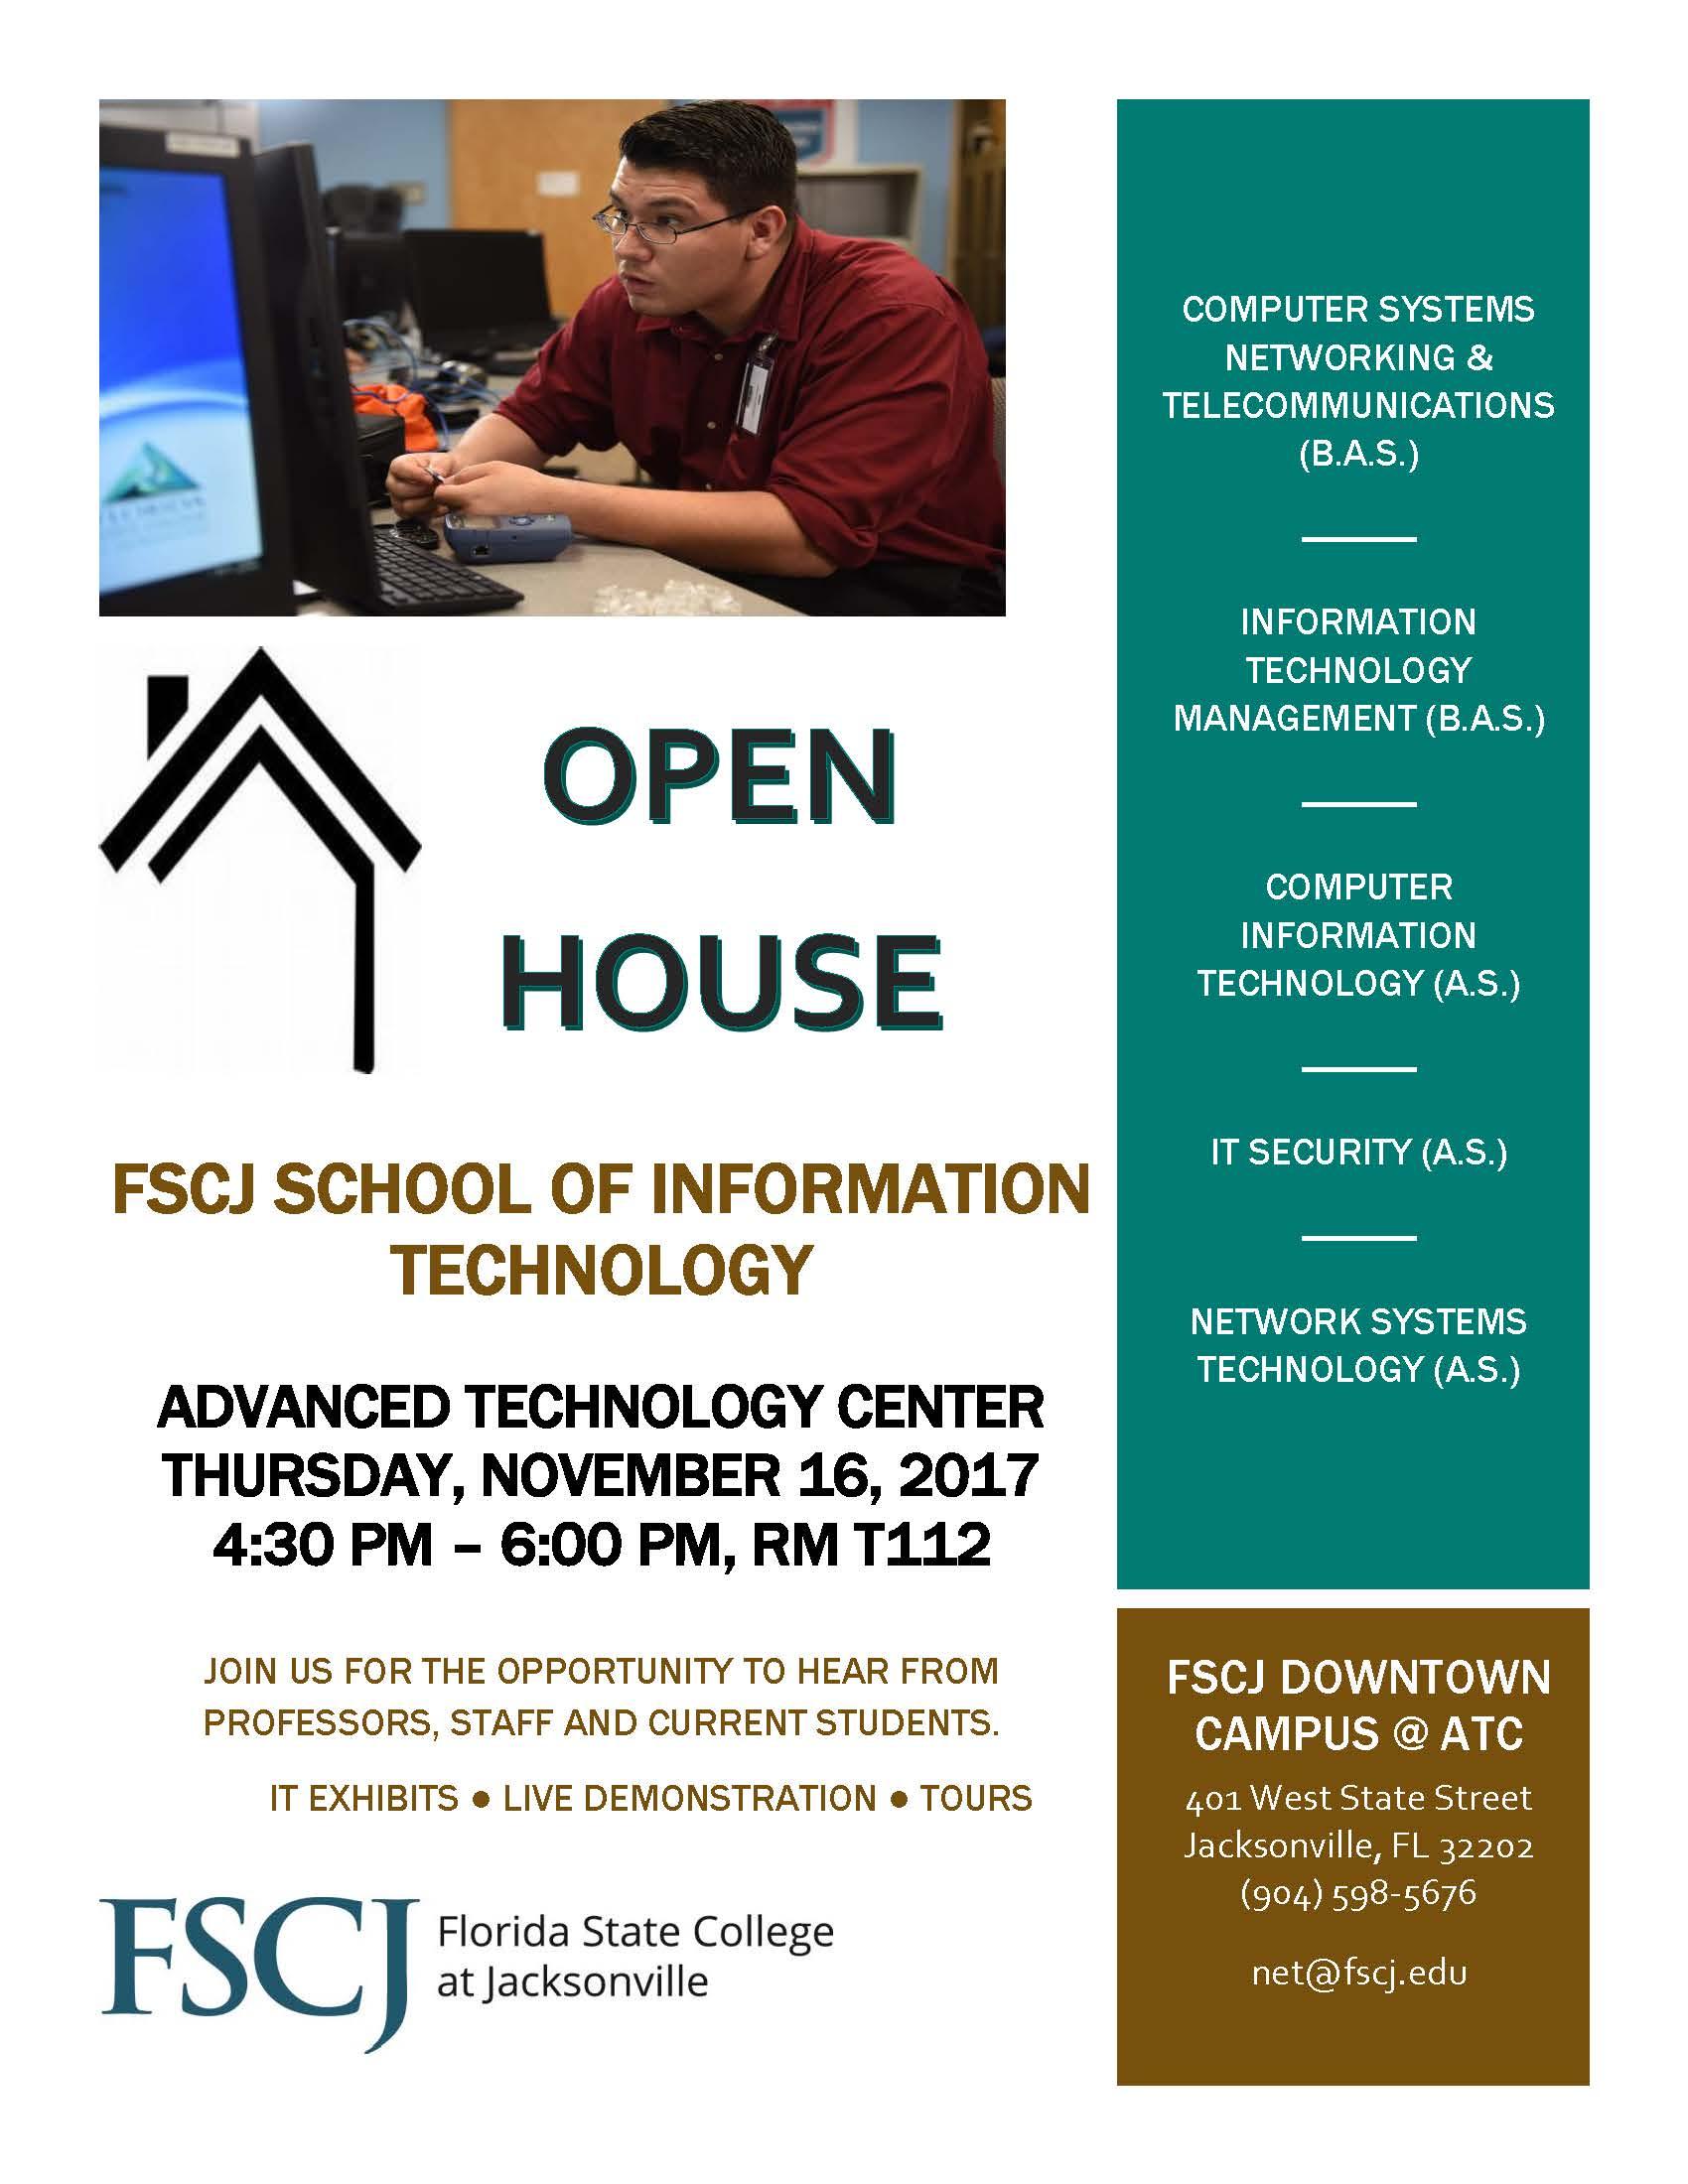 FSCJ Open House Flyer